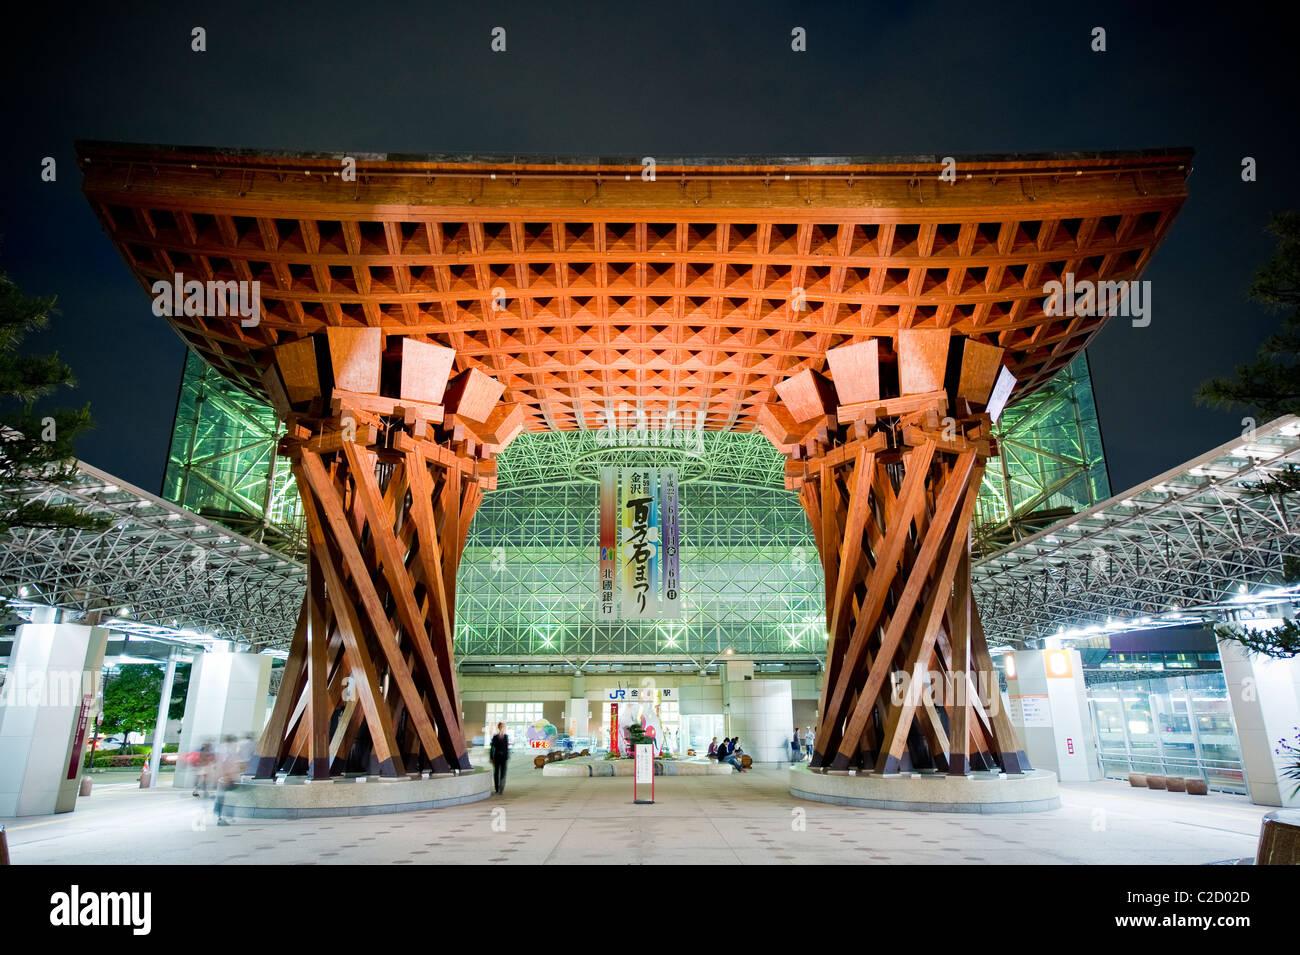 The Tsuzumi (drum) Gate at Kanazawa Station at dusk - Stock Image